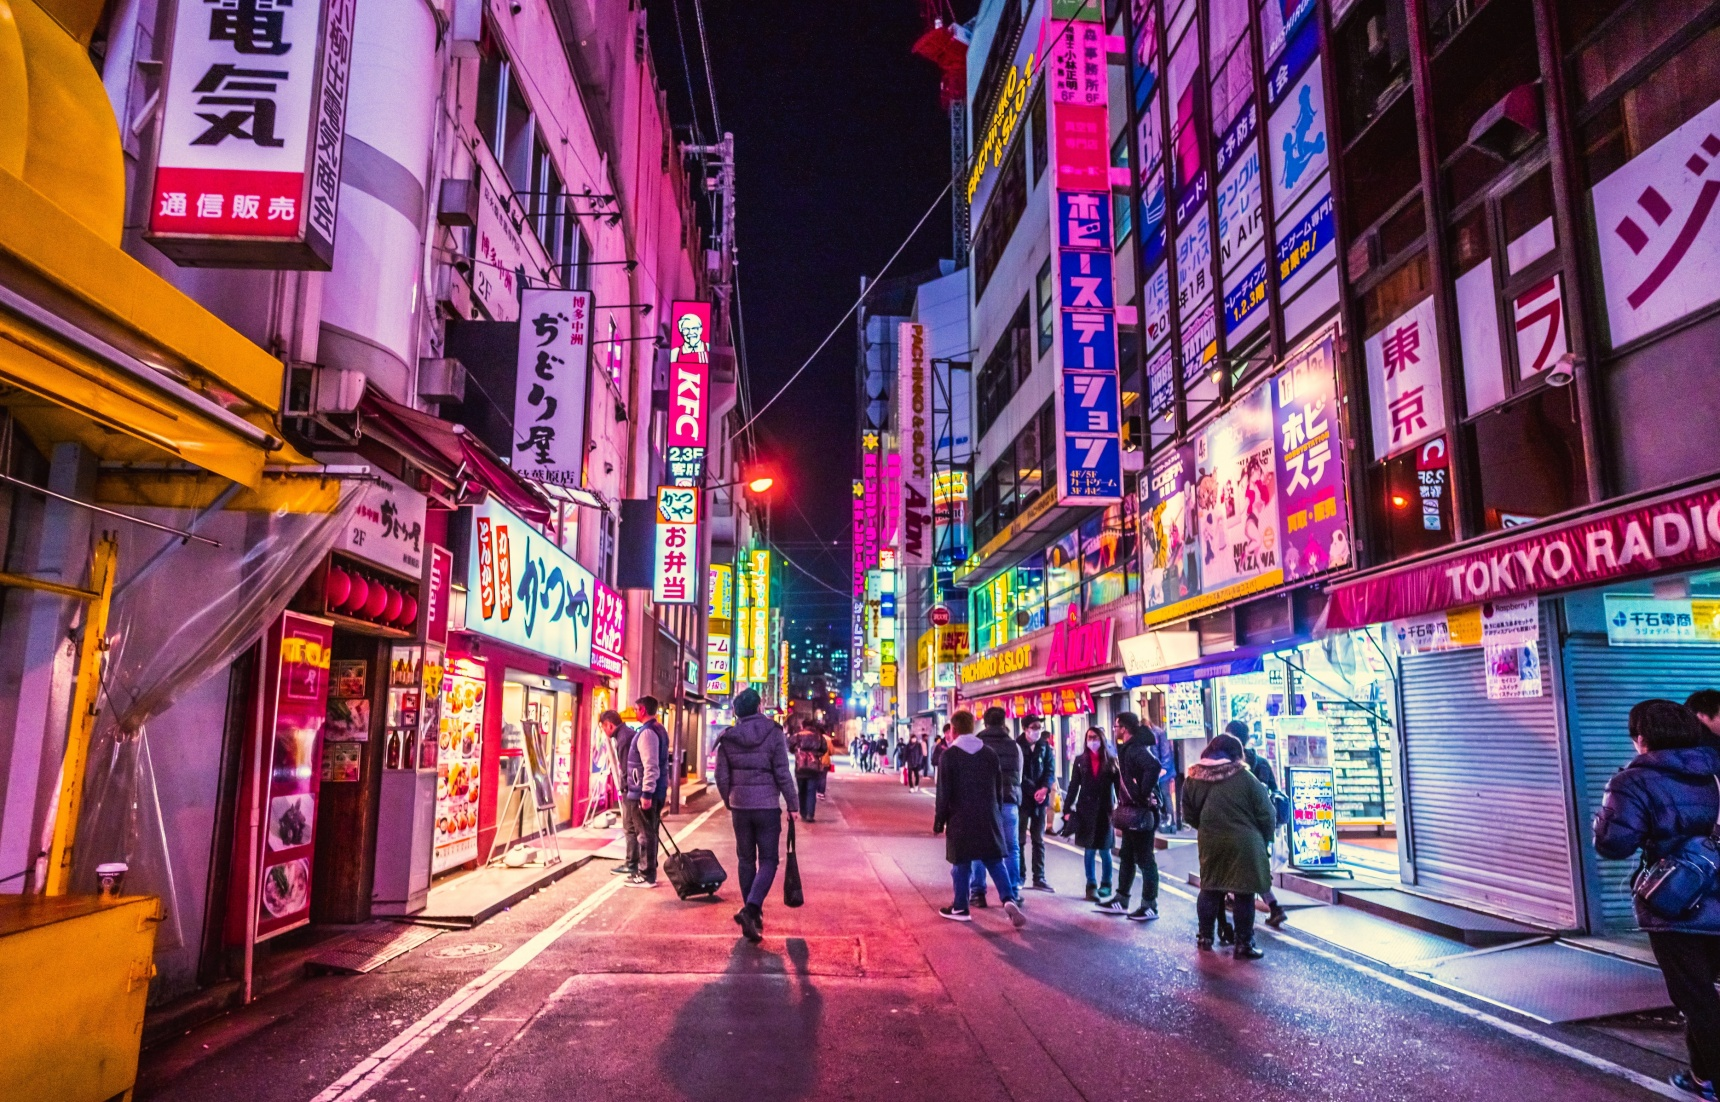 深度日本:投资置产?买房自住?东京TOP5住宅区大盘点!(上)